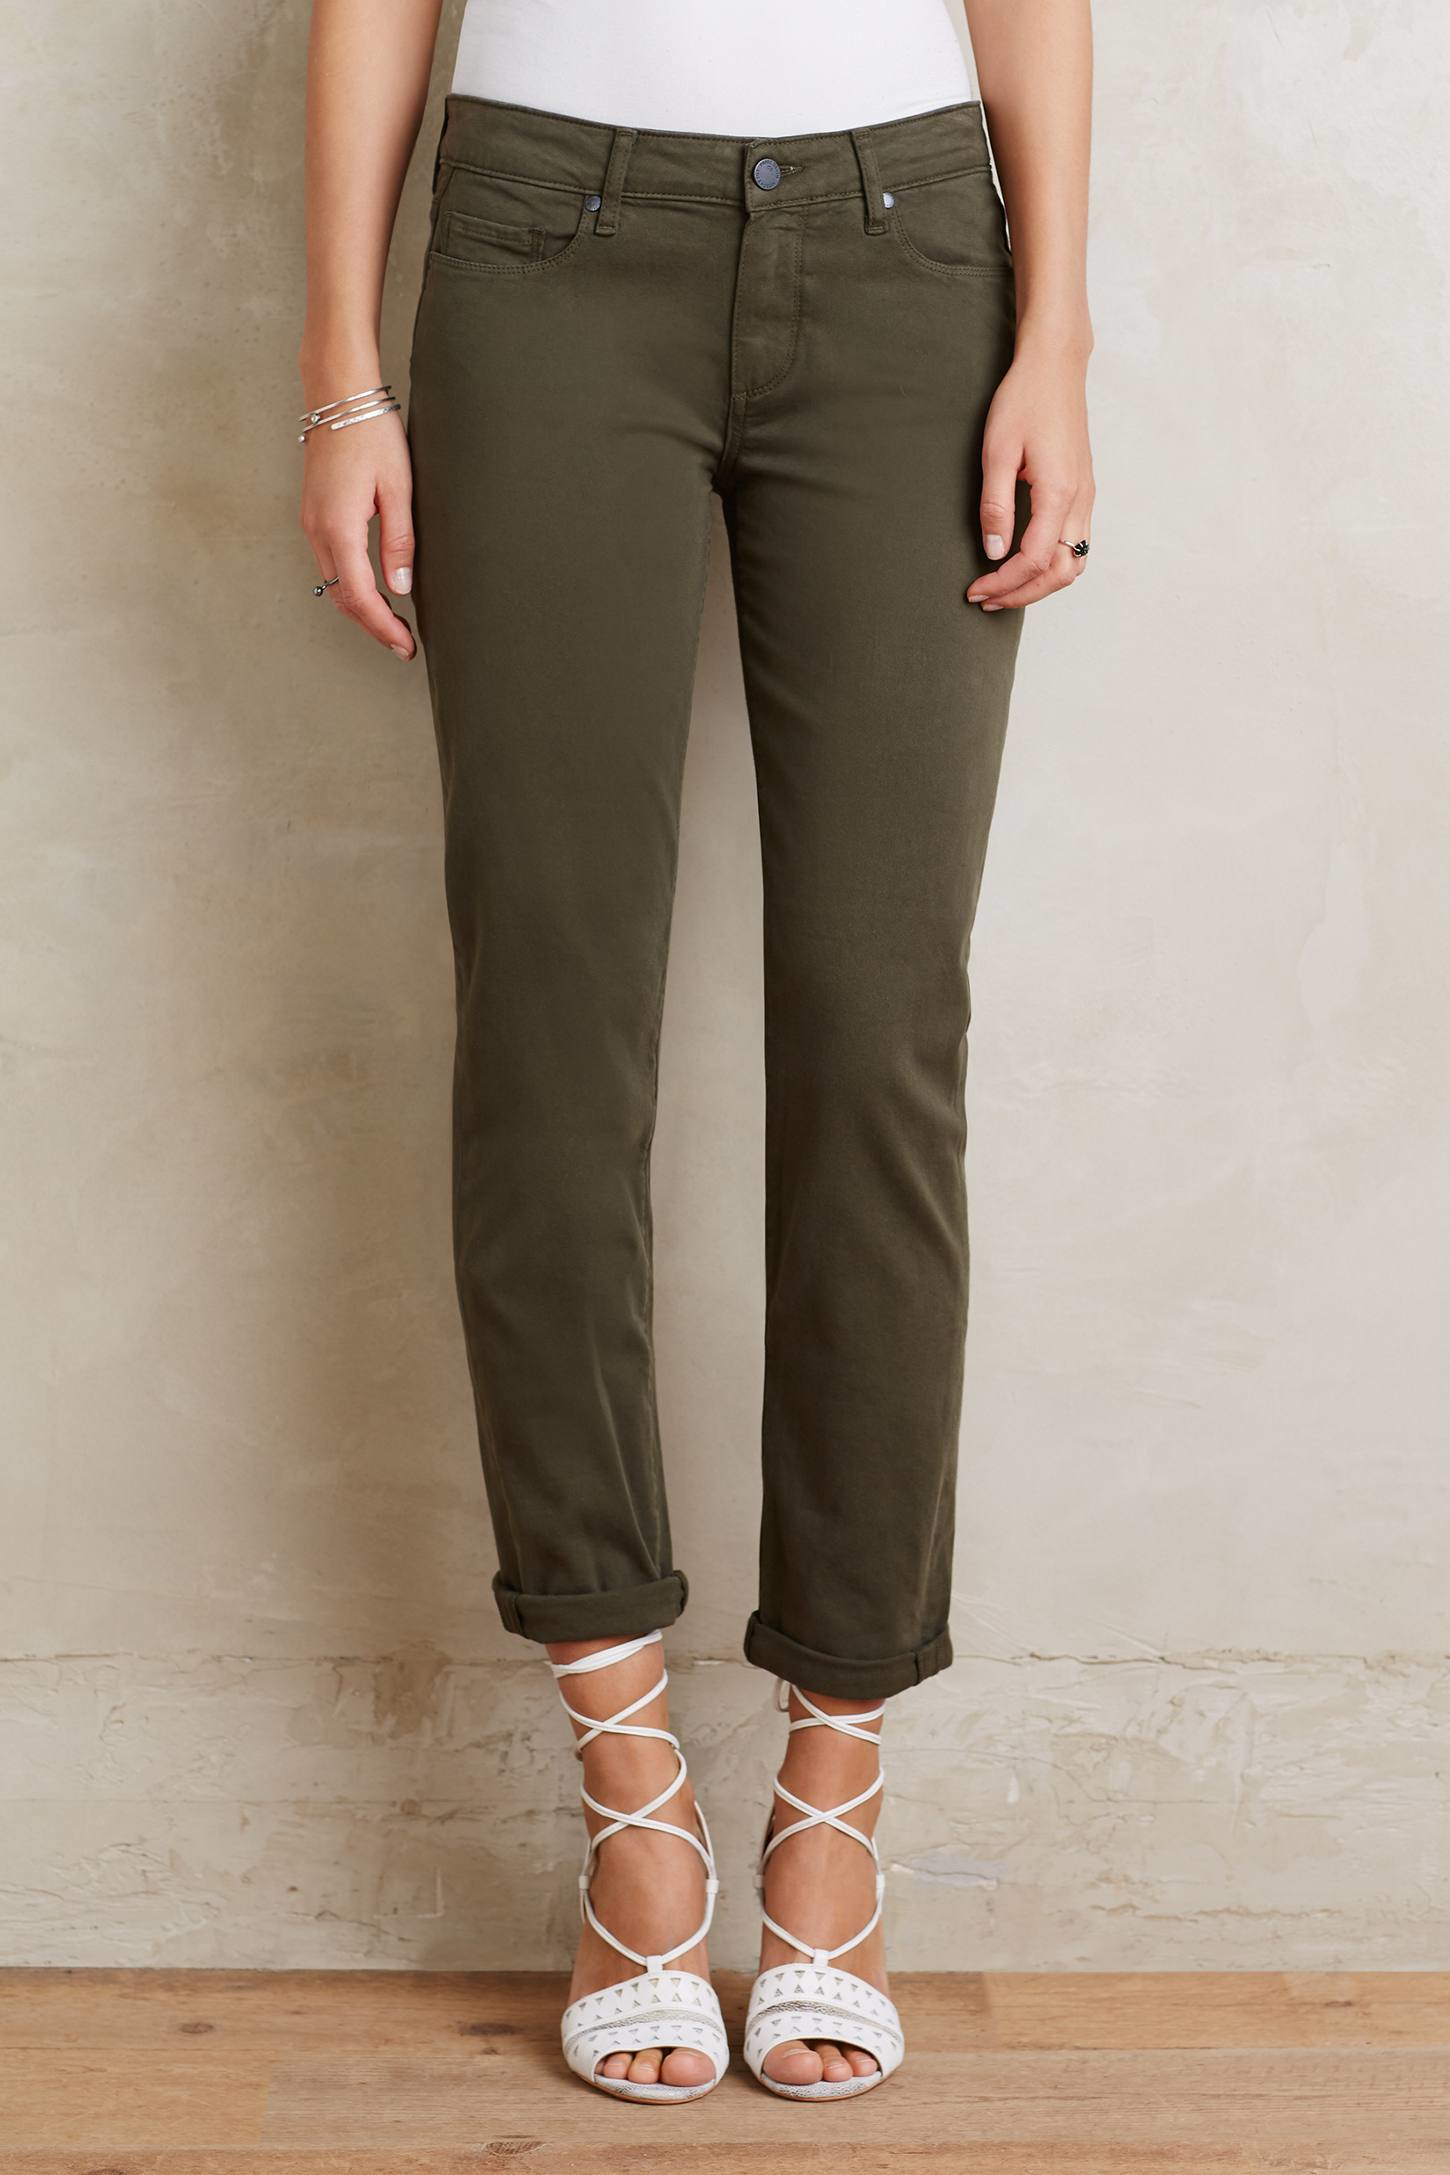 Paige Jimmy Jimmy Skinny Jeans in Green   Lyst